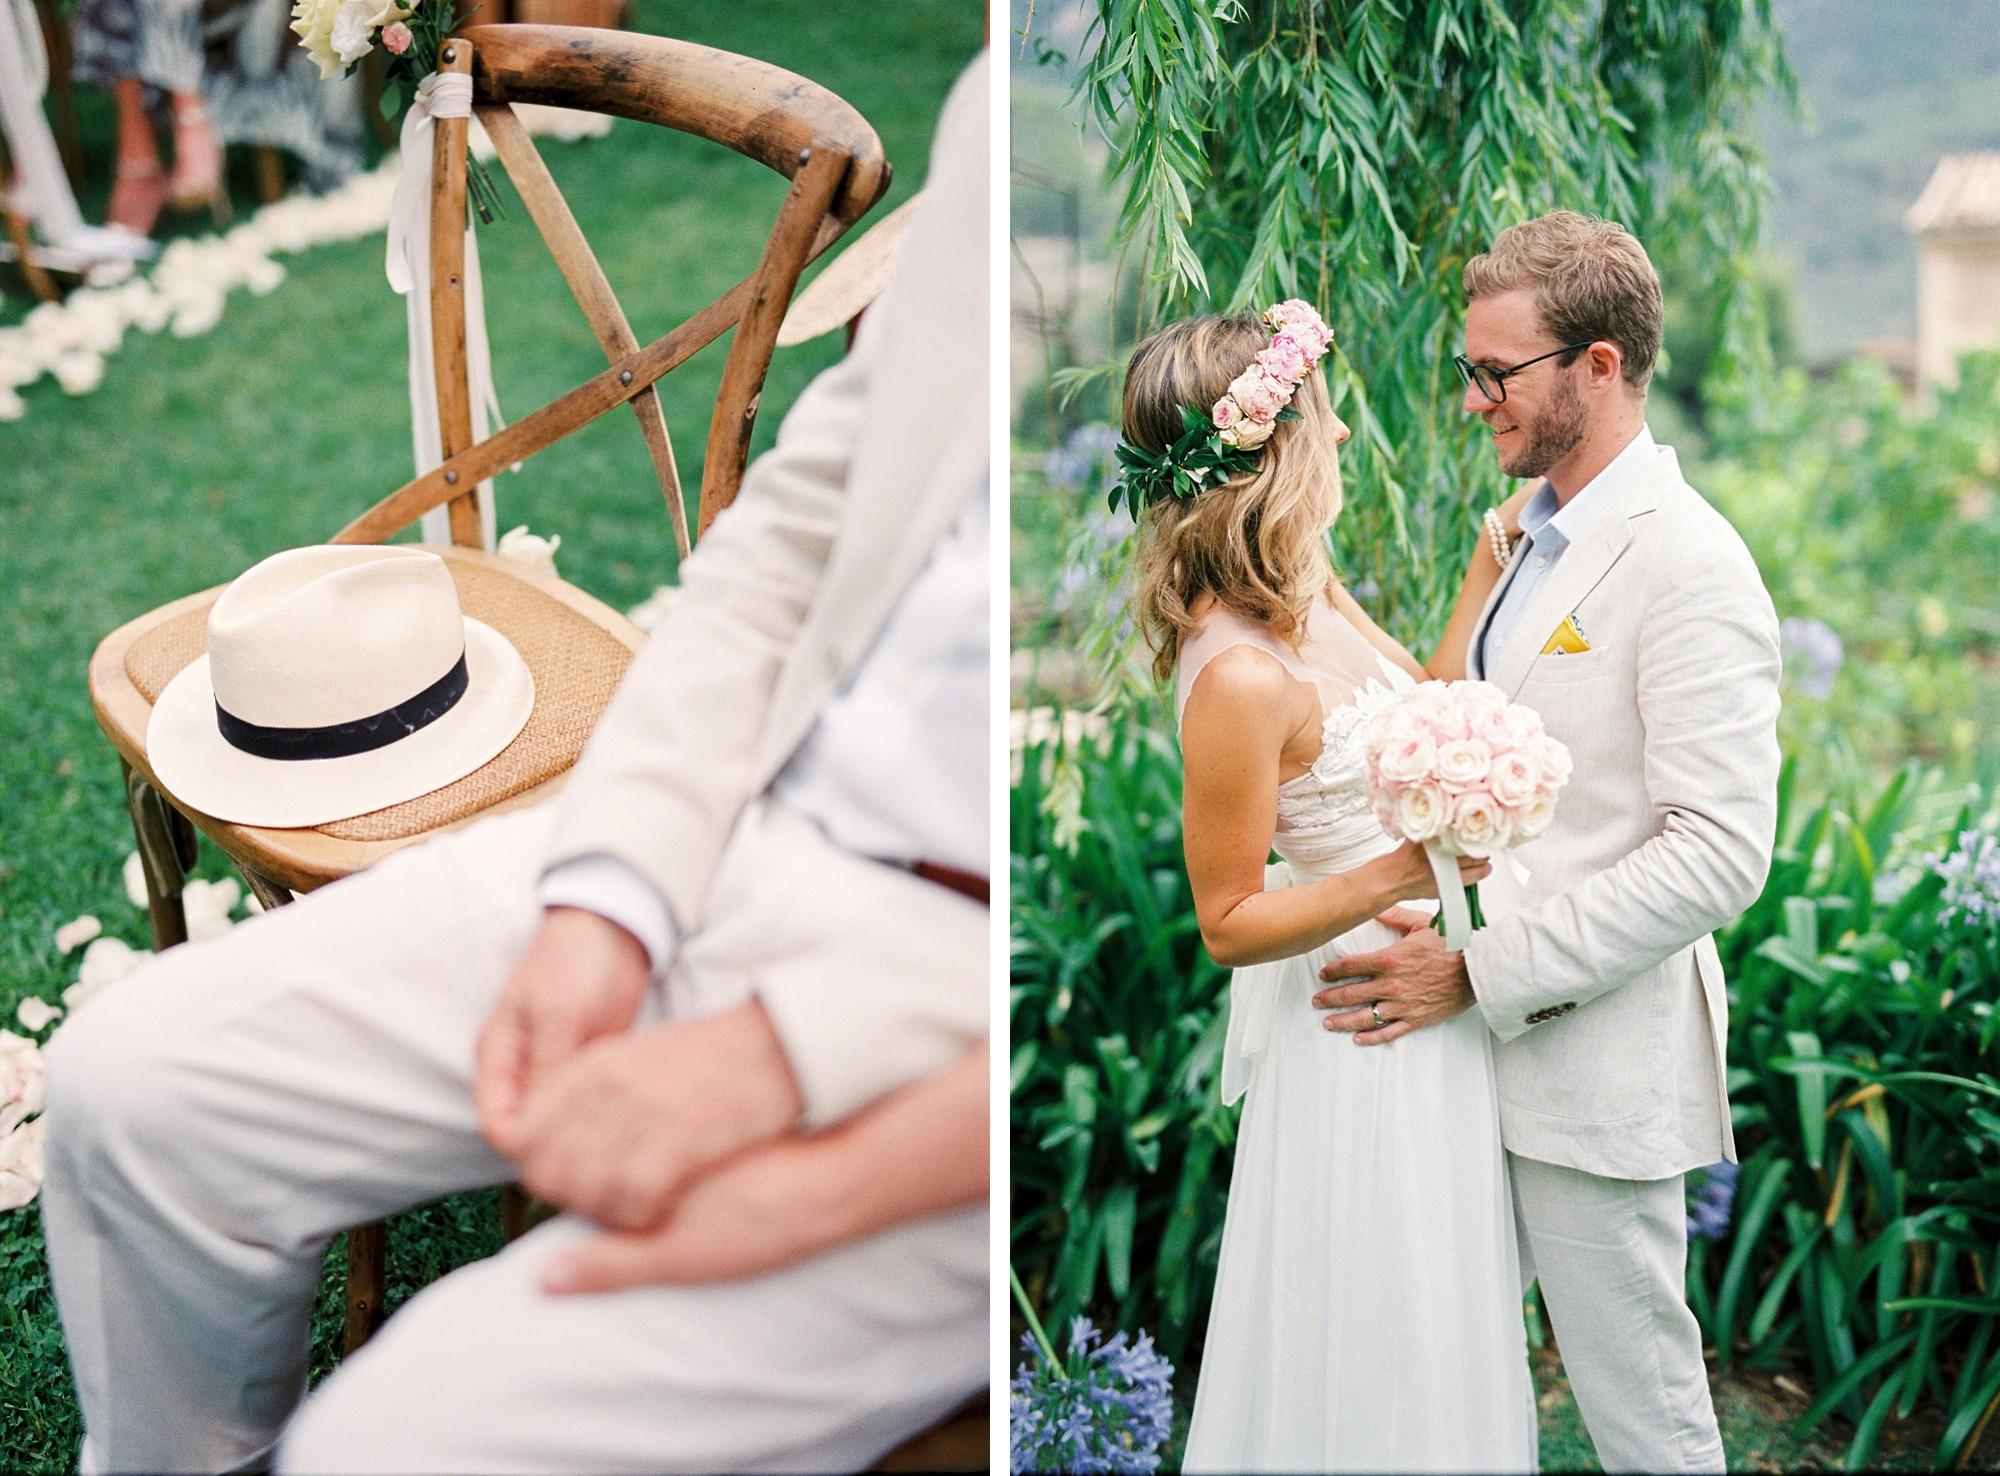 fotografos de boda en valencia barcelona mallorca wedding photographer076.jpg